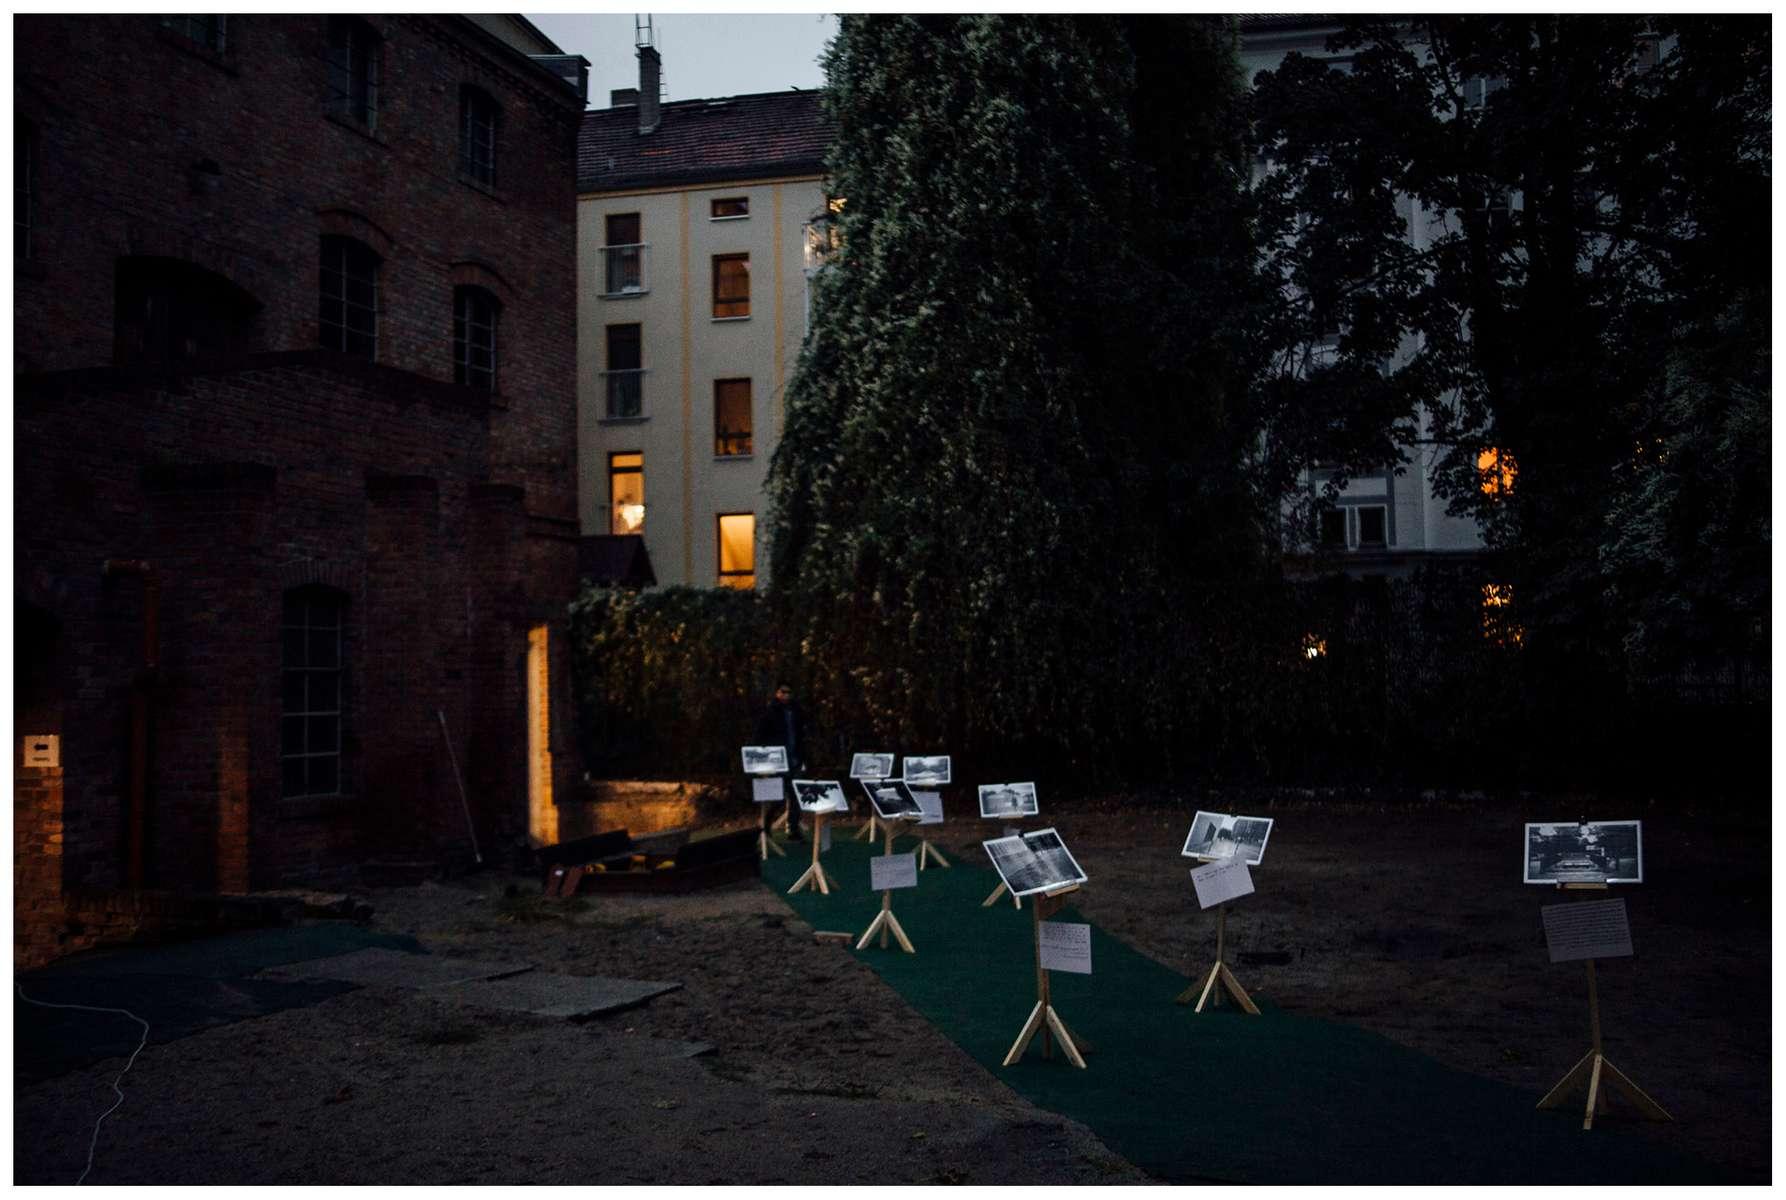 Box Freiraum, Berlin, September 2016